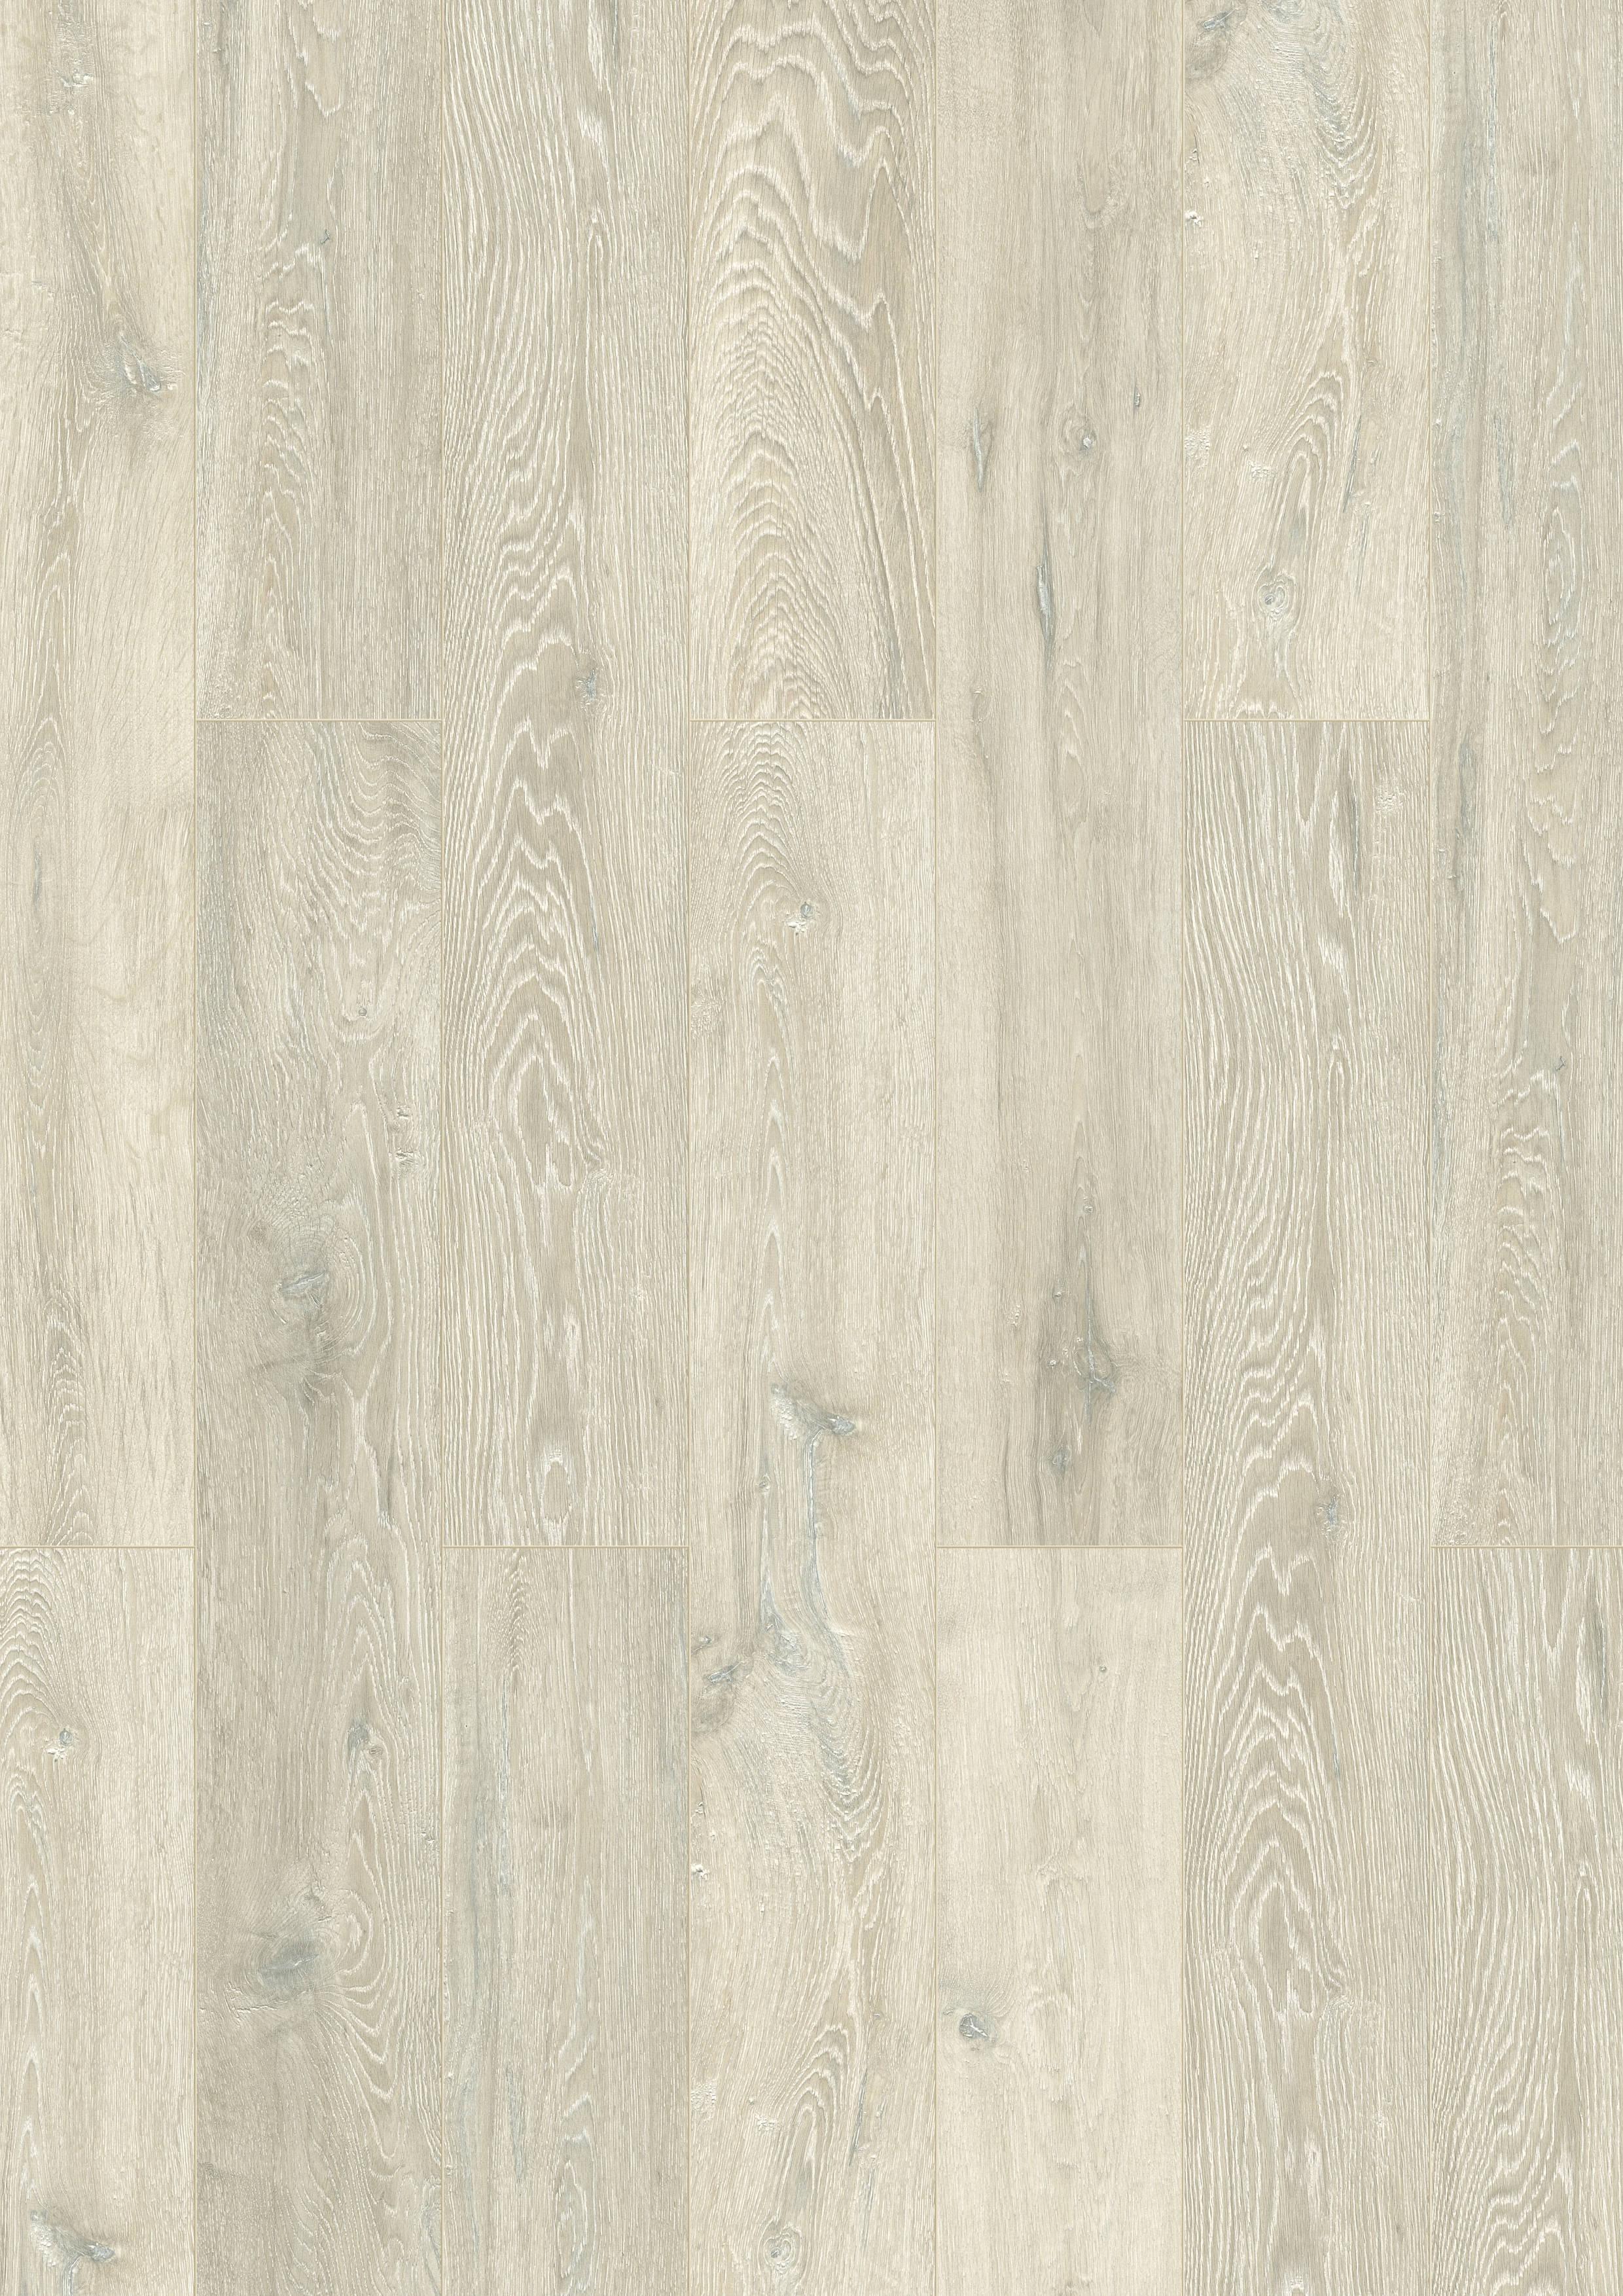 8543 Oak stonewashed V4